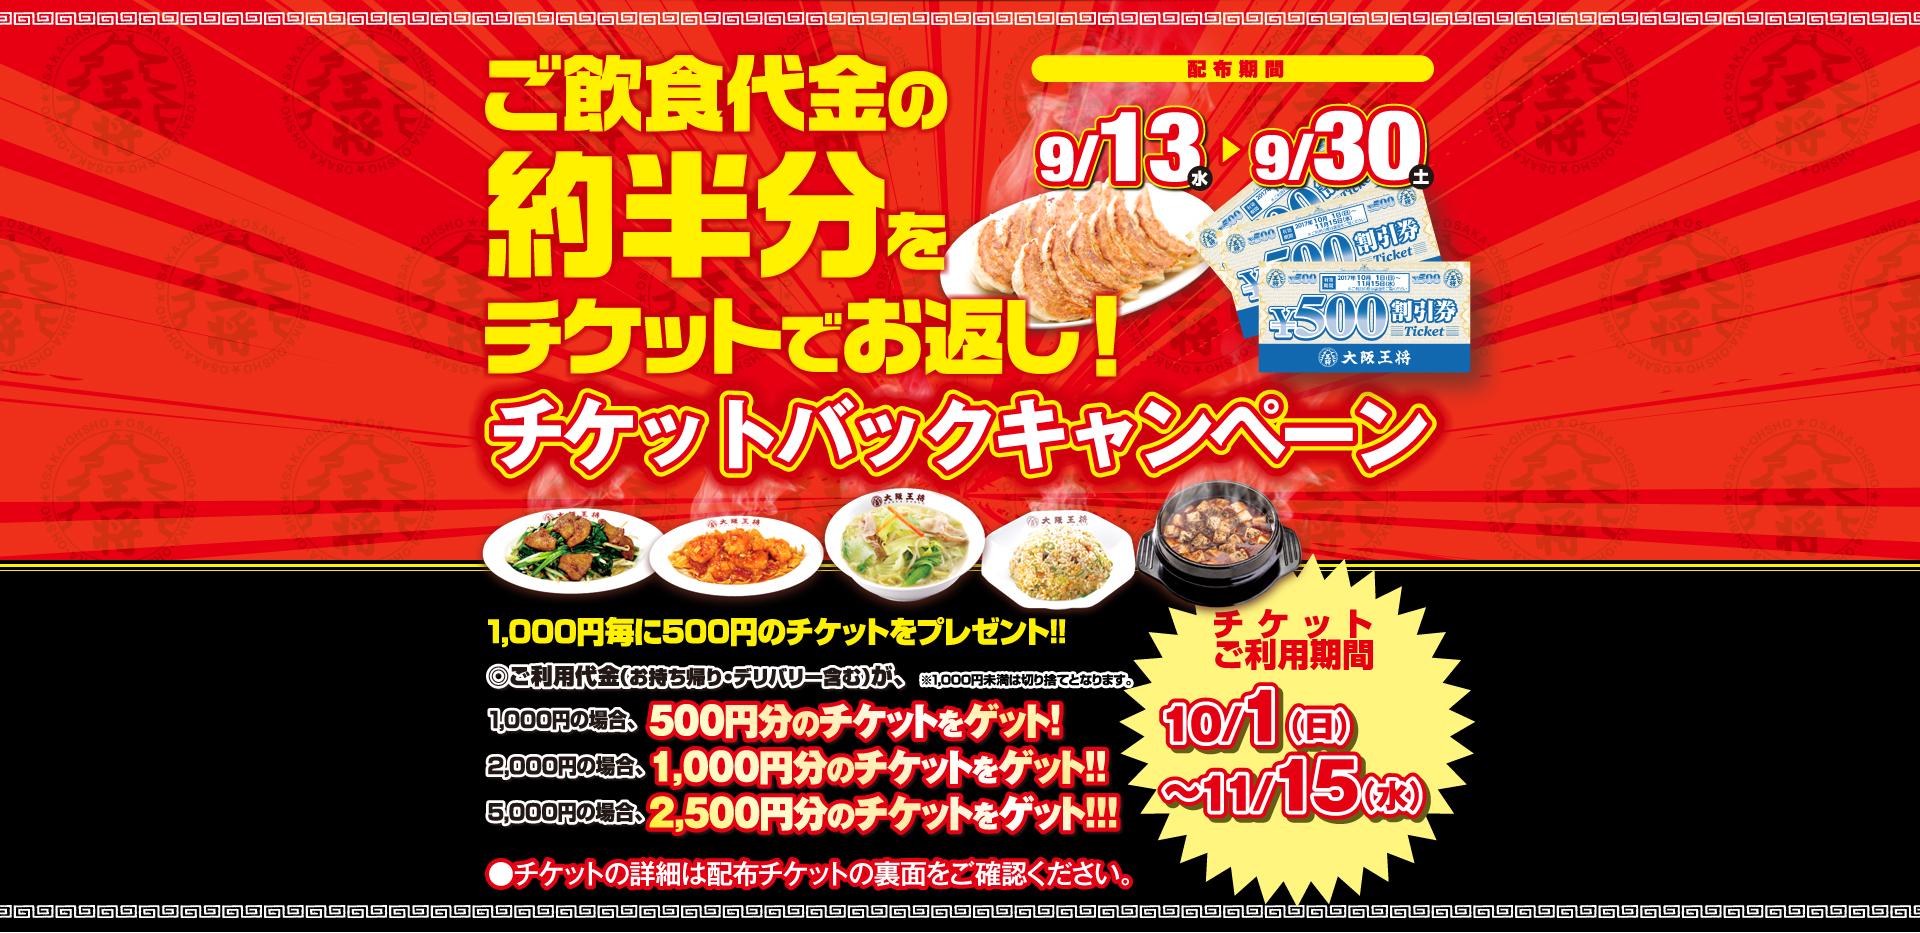 大阪王将で中四国・九州エリア全店舗で食べた額の半額がチケットで返ってくる。10/1~11/15。